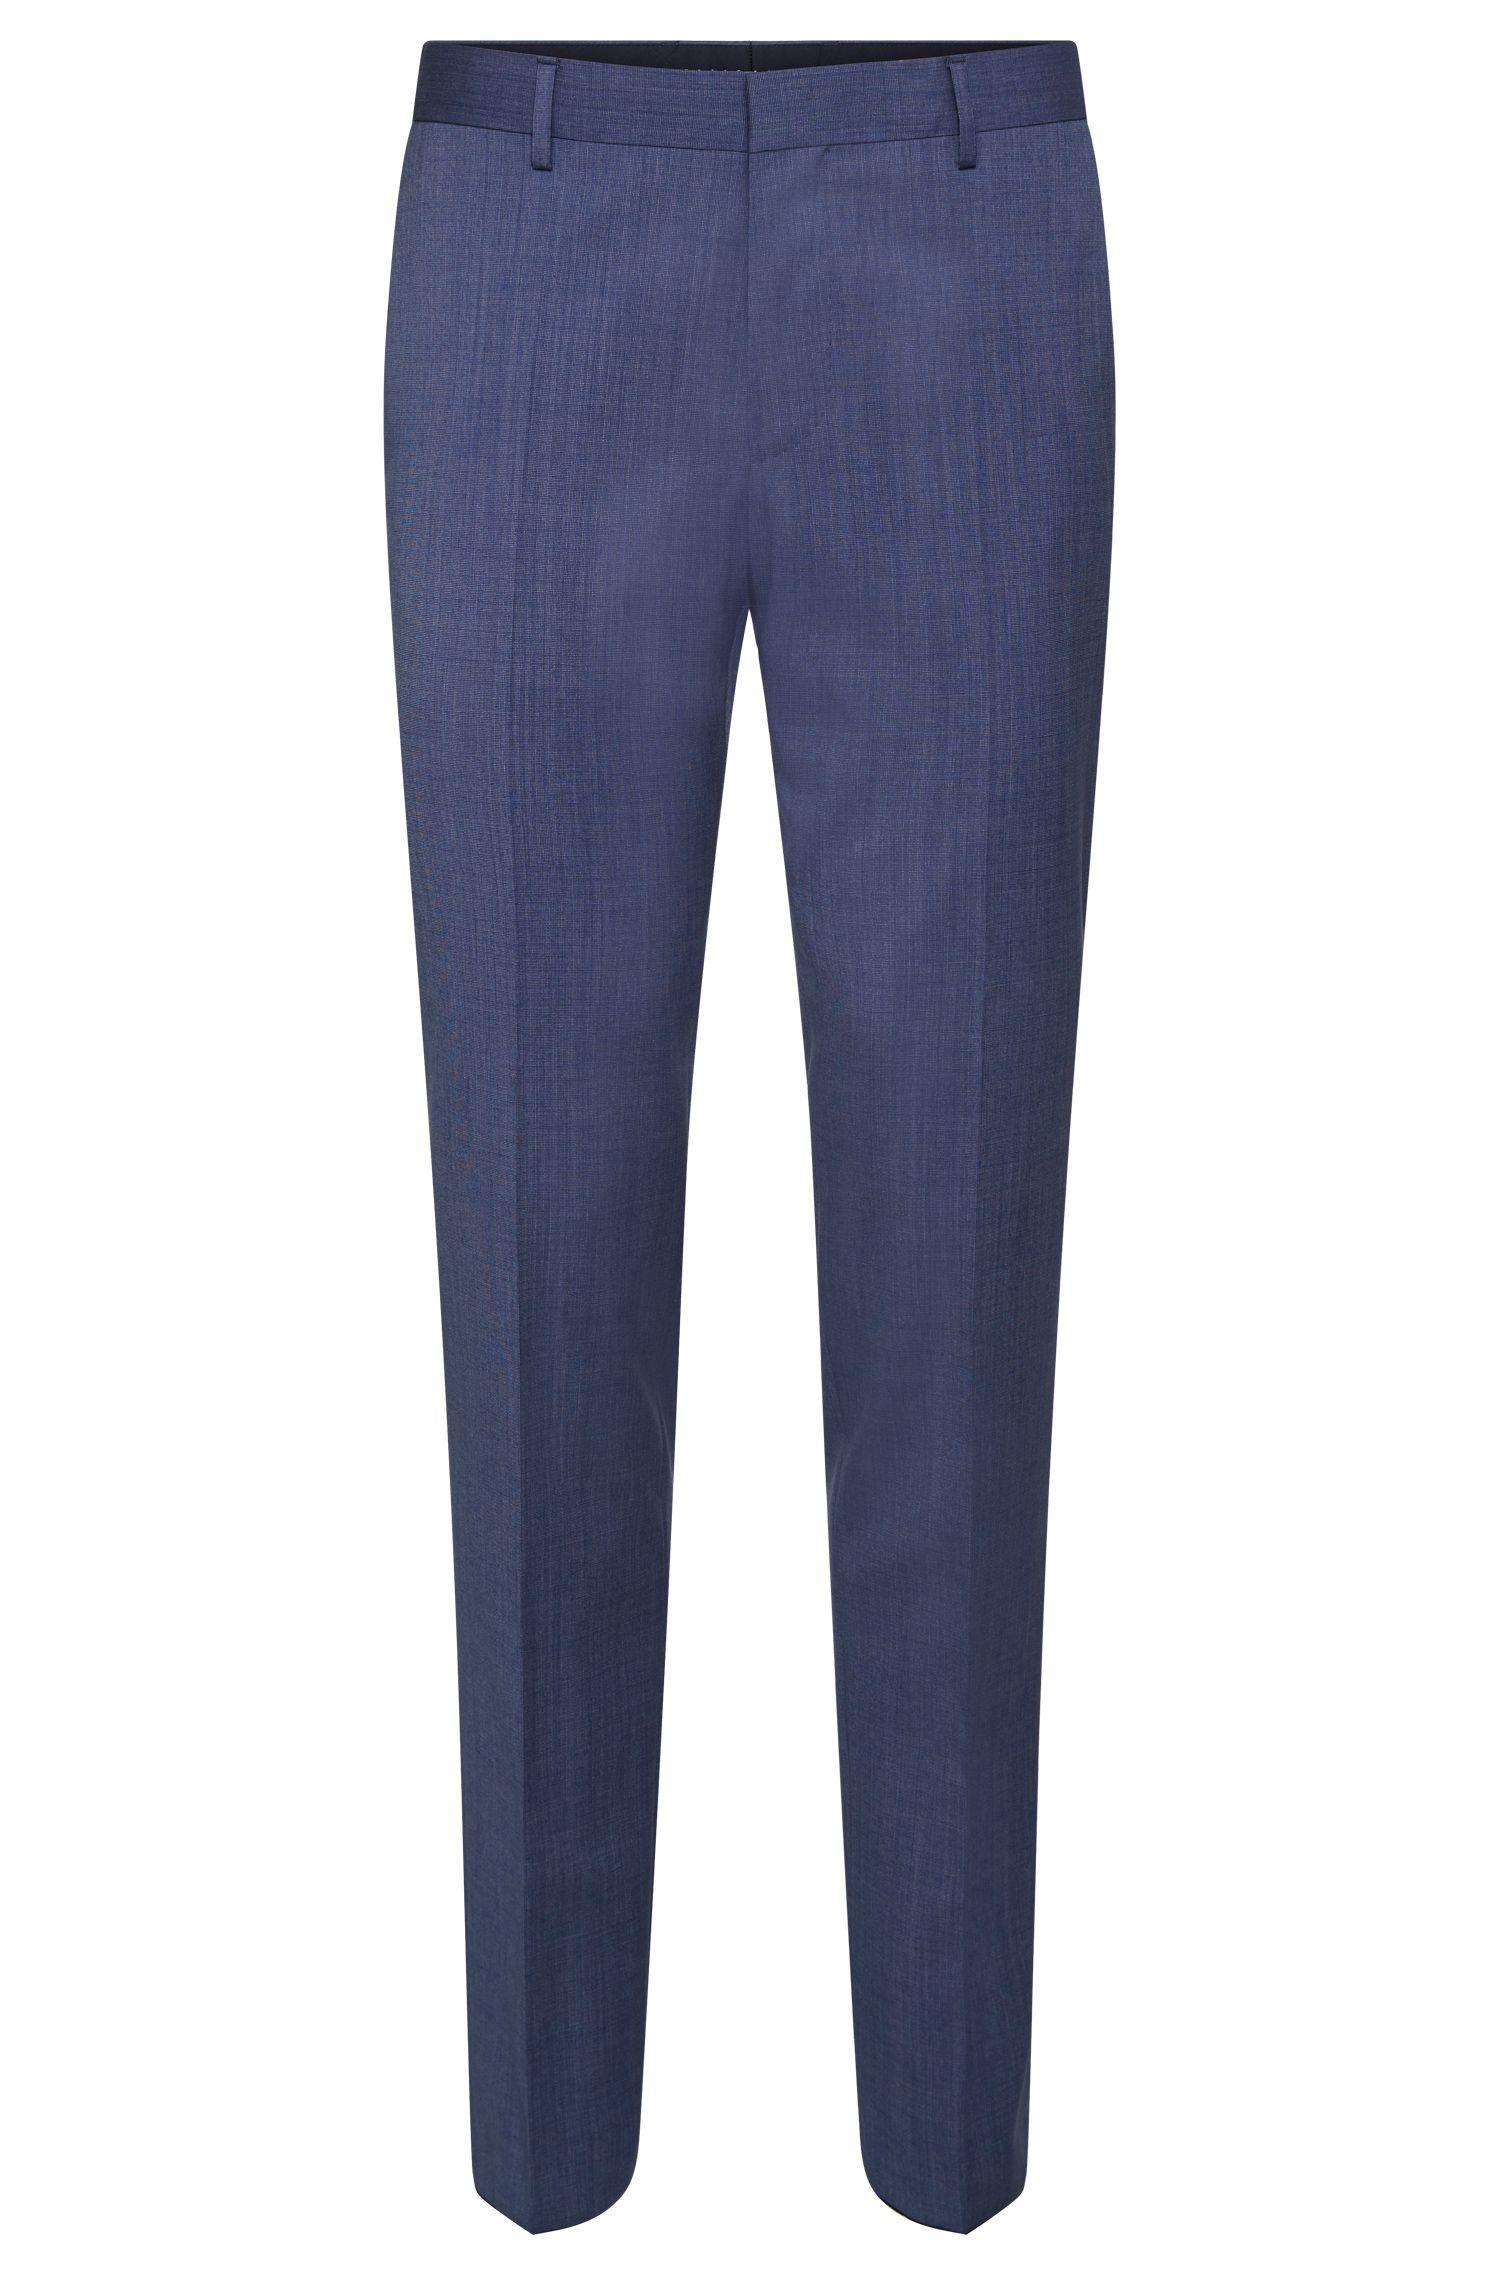 Italian Virgin Wool Dress Pant, Slim Fit | Bevan